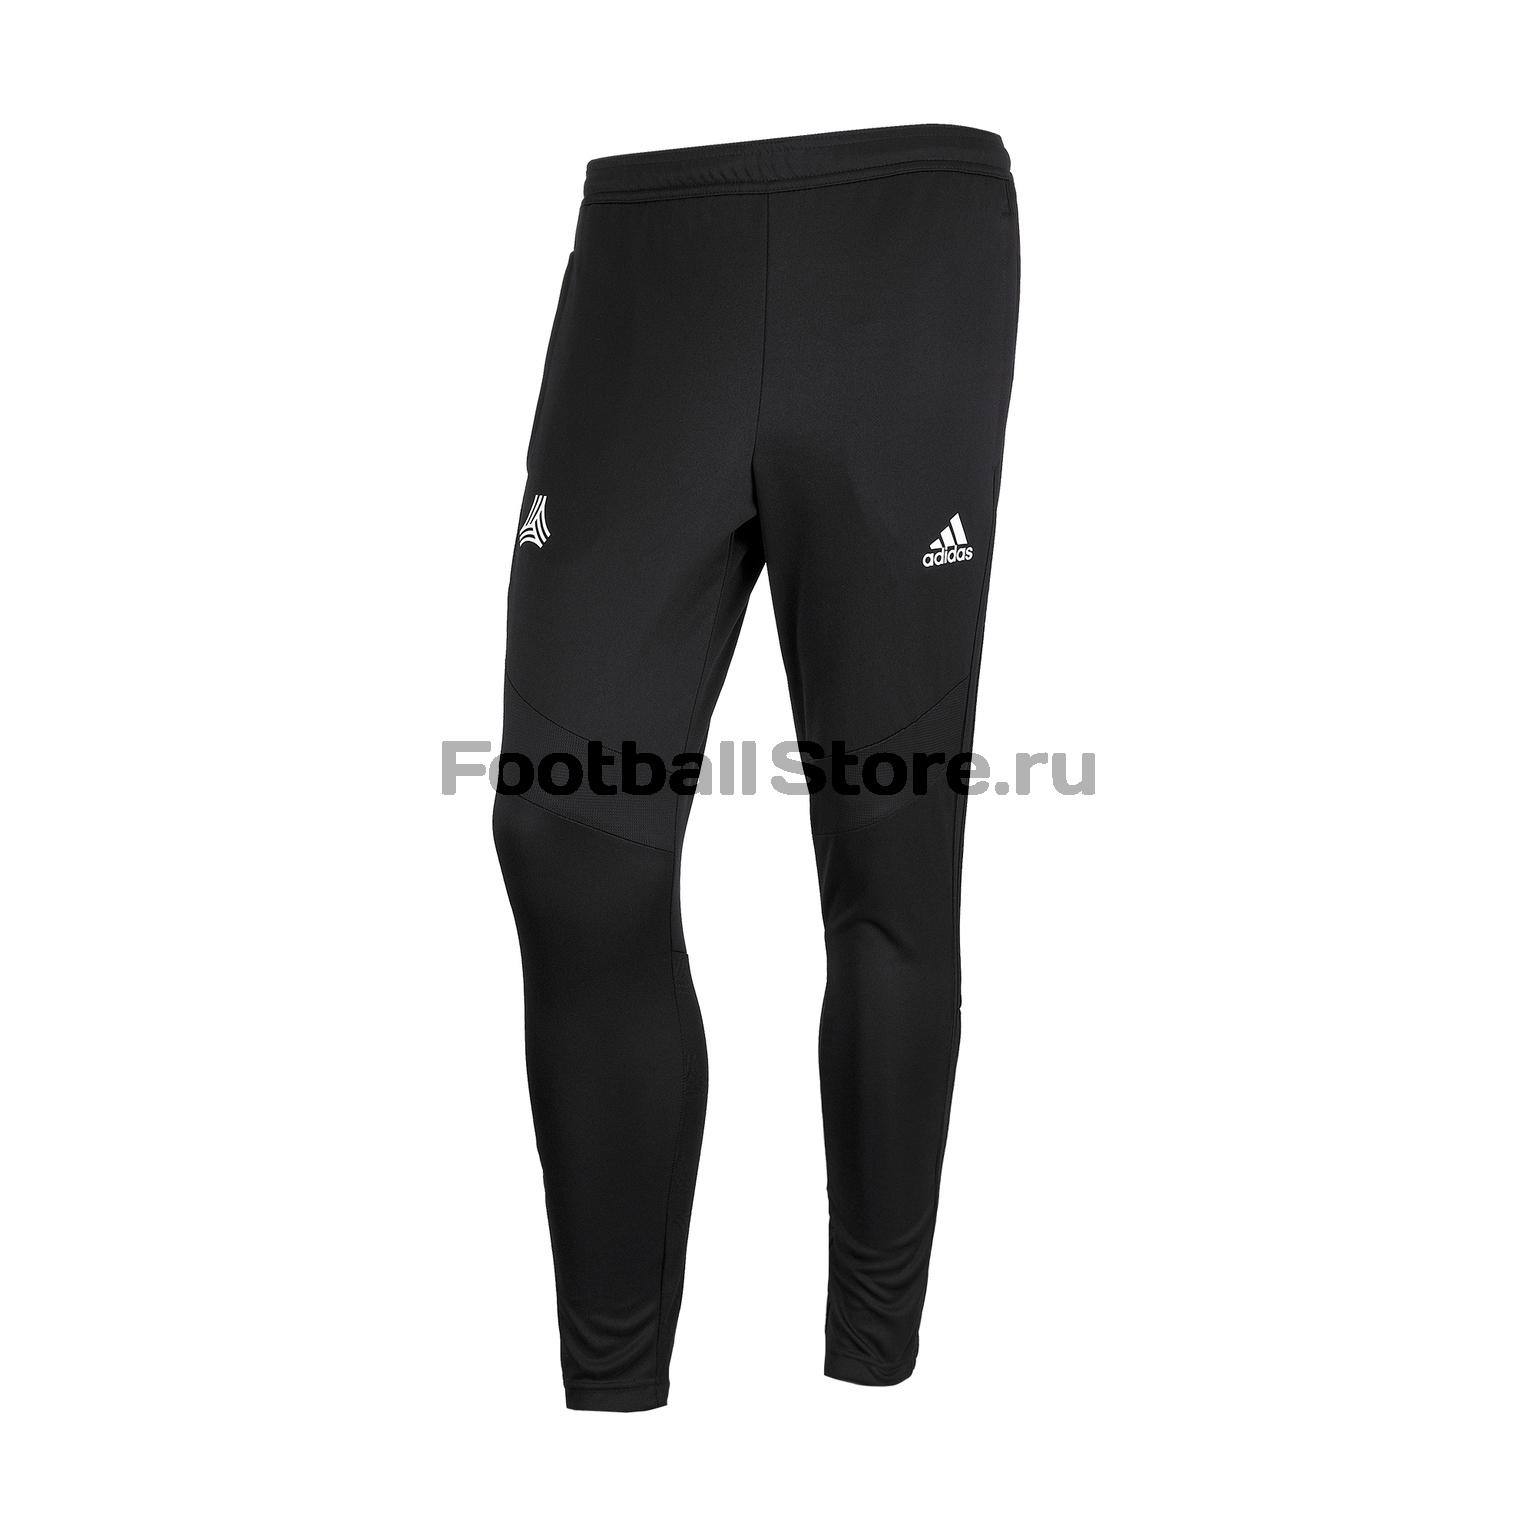 Брюки тренировочные Adidas Tan Pant DT9876 цена